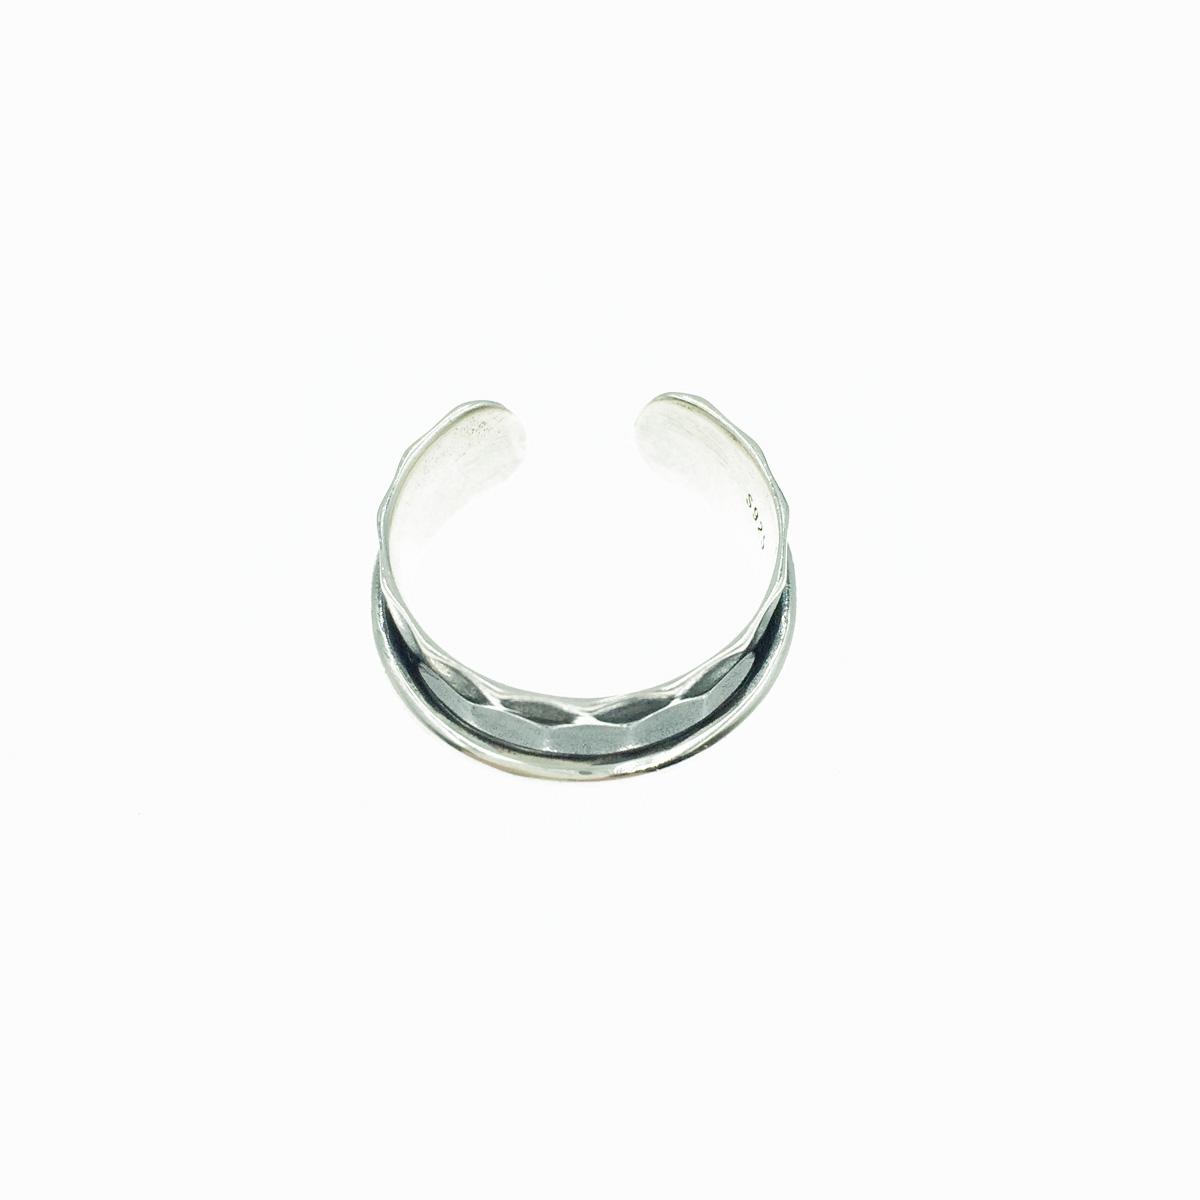 韓國 925純銀 金屬面 寬版 個性款 歐美風 可調式 戒指